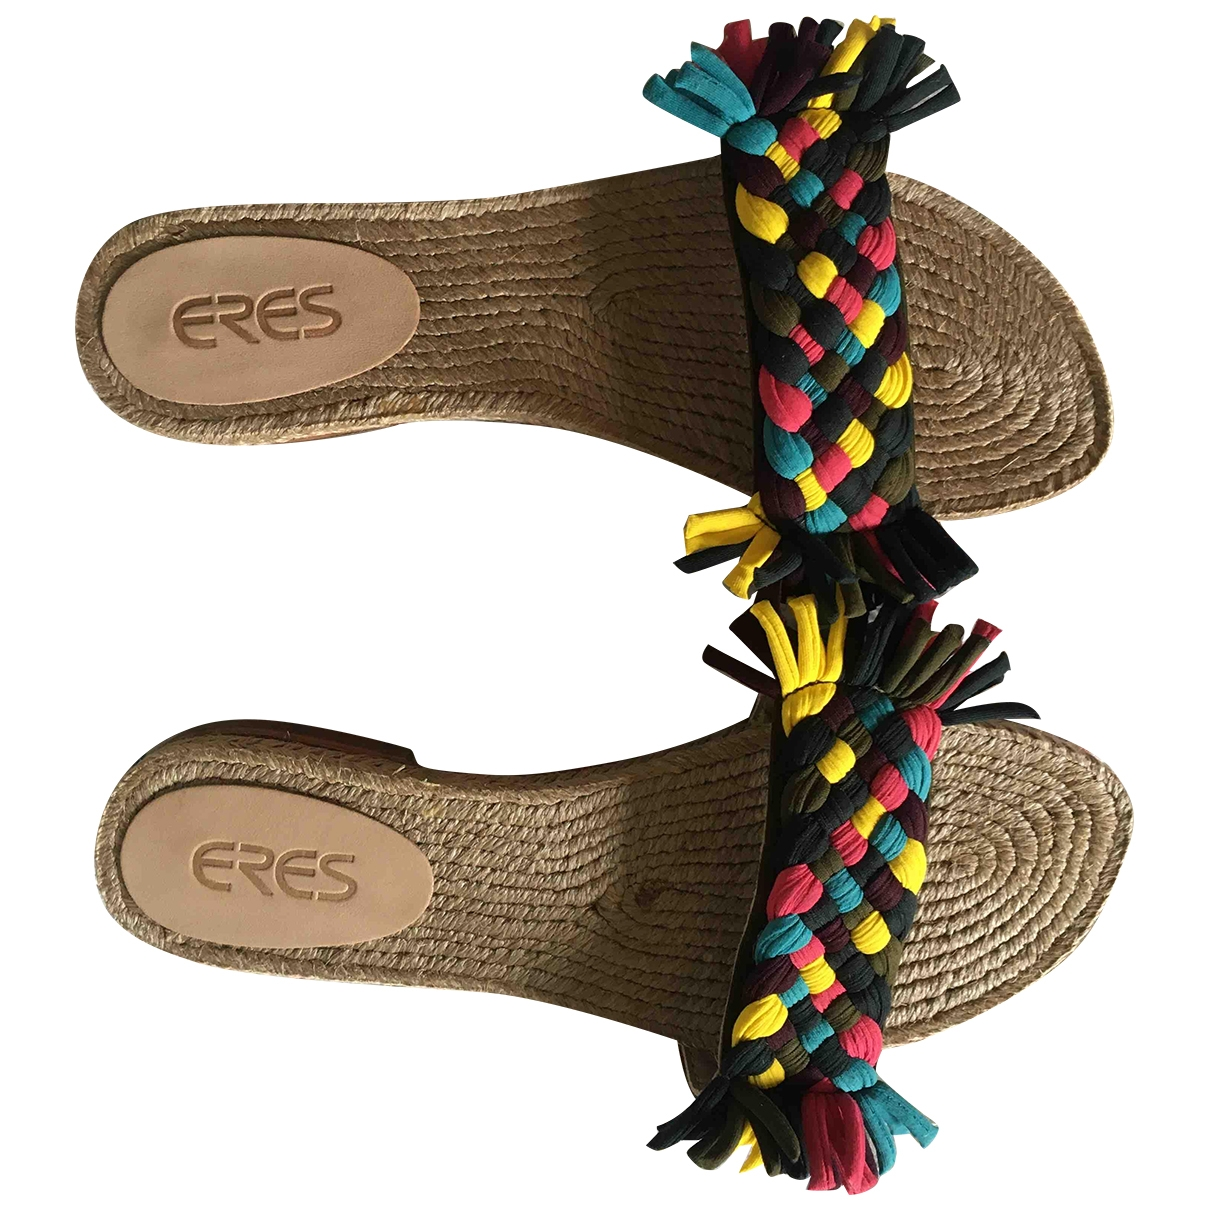 Eres - Sandales   pour femme - multicolore